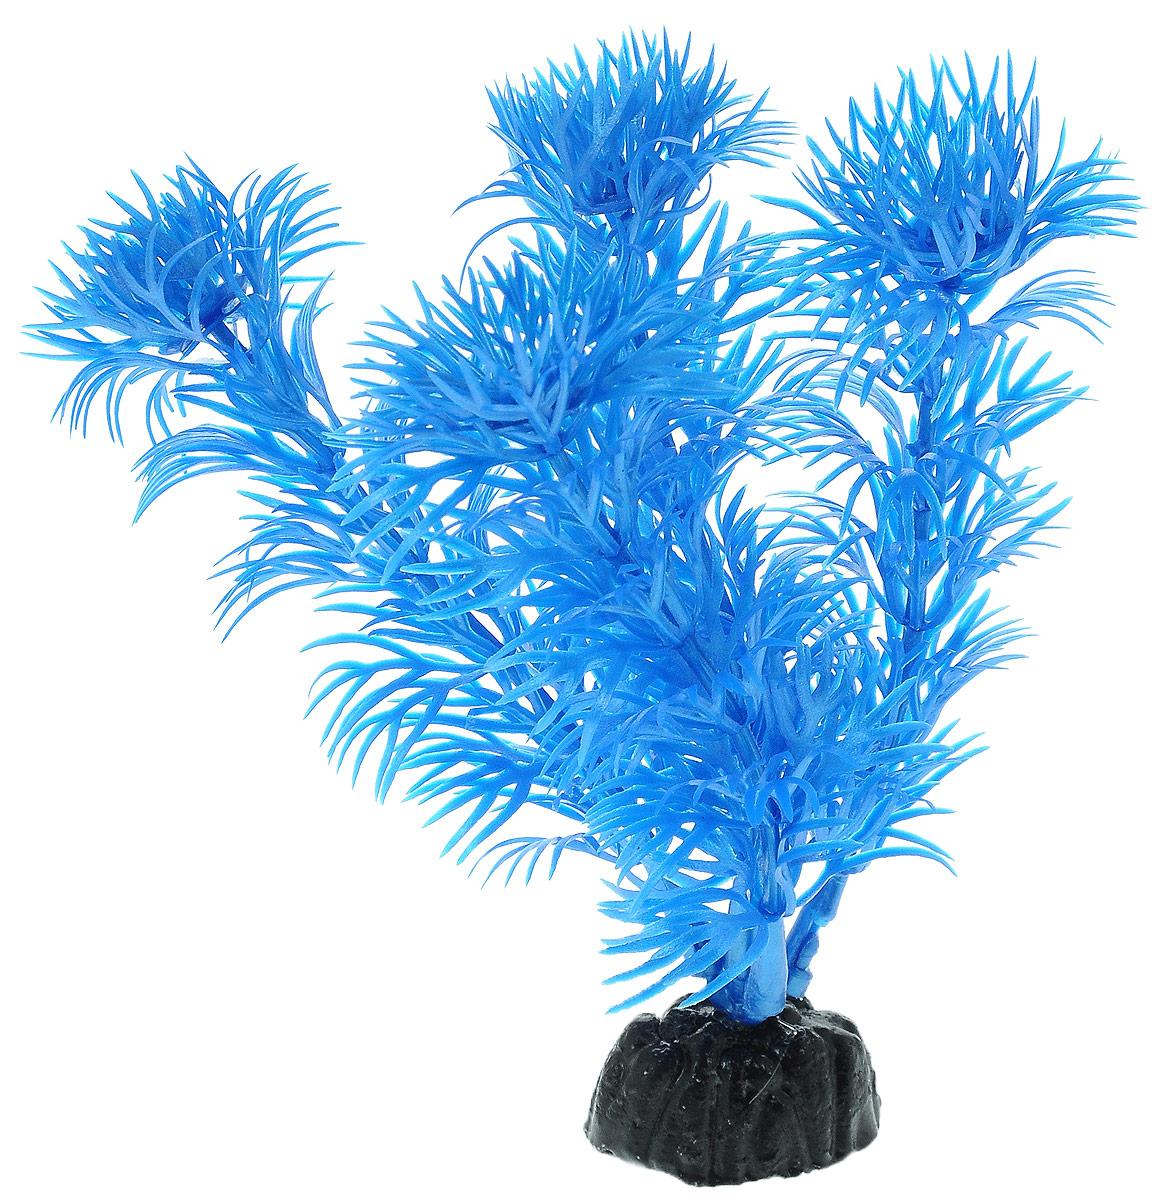 Растение для аквариума Barbus Кабомба, пластиковое, цвет: синий, высота 10 см0120710Растение Barbus Кабомба, выполненное из высококачественного нетоксичного пластика, станет оригинальным украшением вашего аквариума. Пластиковое растение идеально подходит для дизайна всех видов аквариумов. В воде происходит абсолютная имитация живых растений. Изделие не требует дополнительного ухода и просто в применении. Оно абсолютно безопасно, нейтрально к водному балансу, устойчиво к истиранию краски, подходит как для пресноводного, так и для морского аквариума. Растение для аквариума Barbus Кабомба поможет вам смоделировать потрясающий пейзаж на дне вашего аквариума.Высота растения: 10 см.